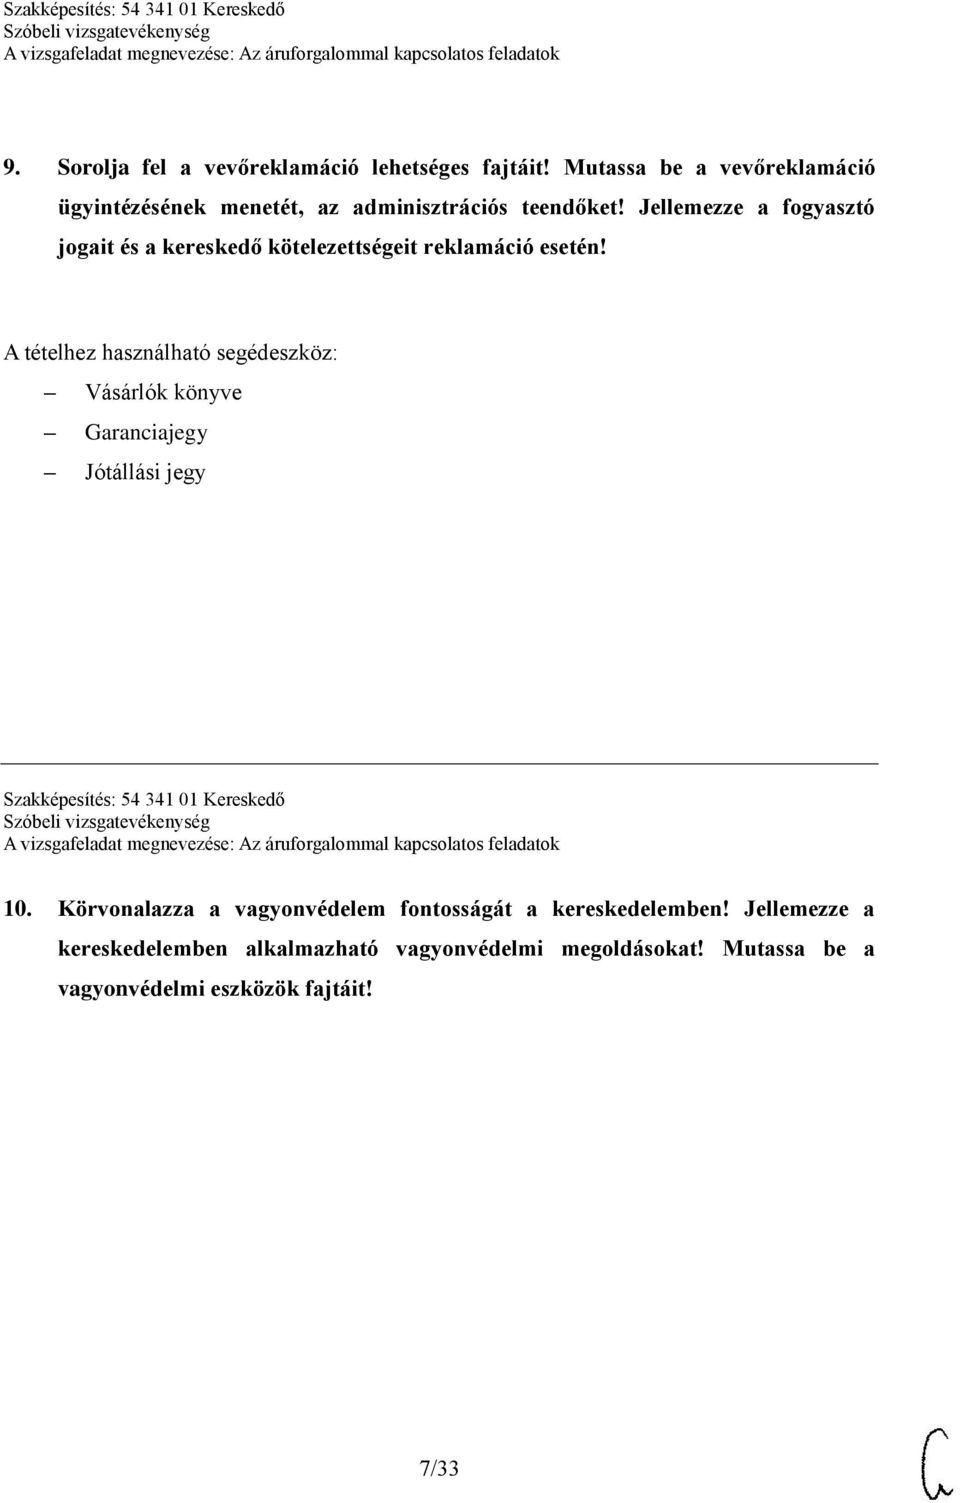 Kereskedelmi ágak | Borovszky Samu: Magyarország vármegyéi és városai | Kézikönyvtár